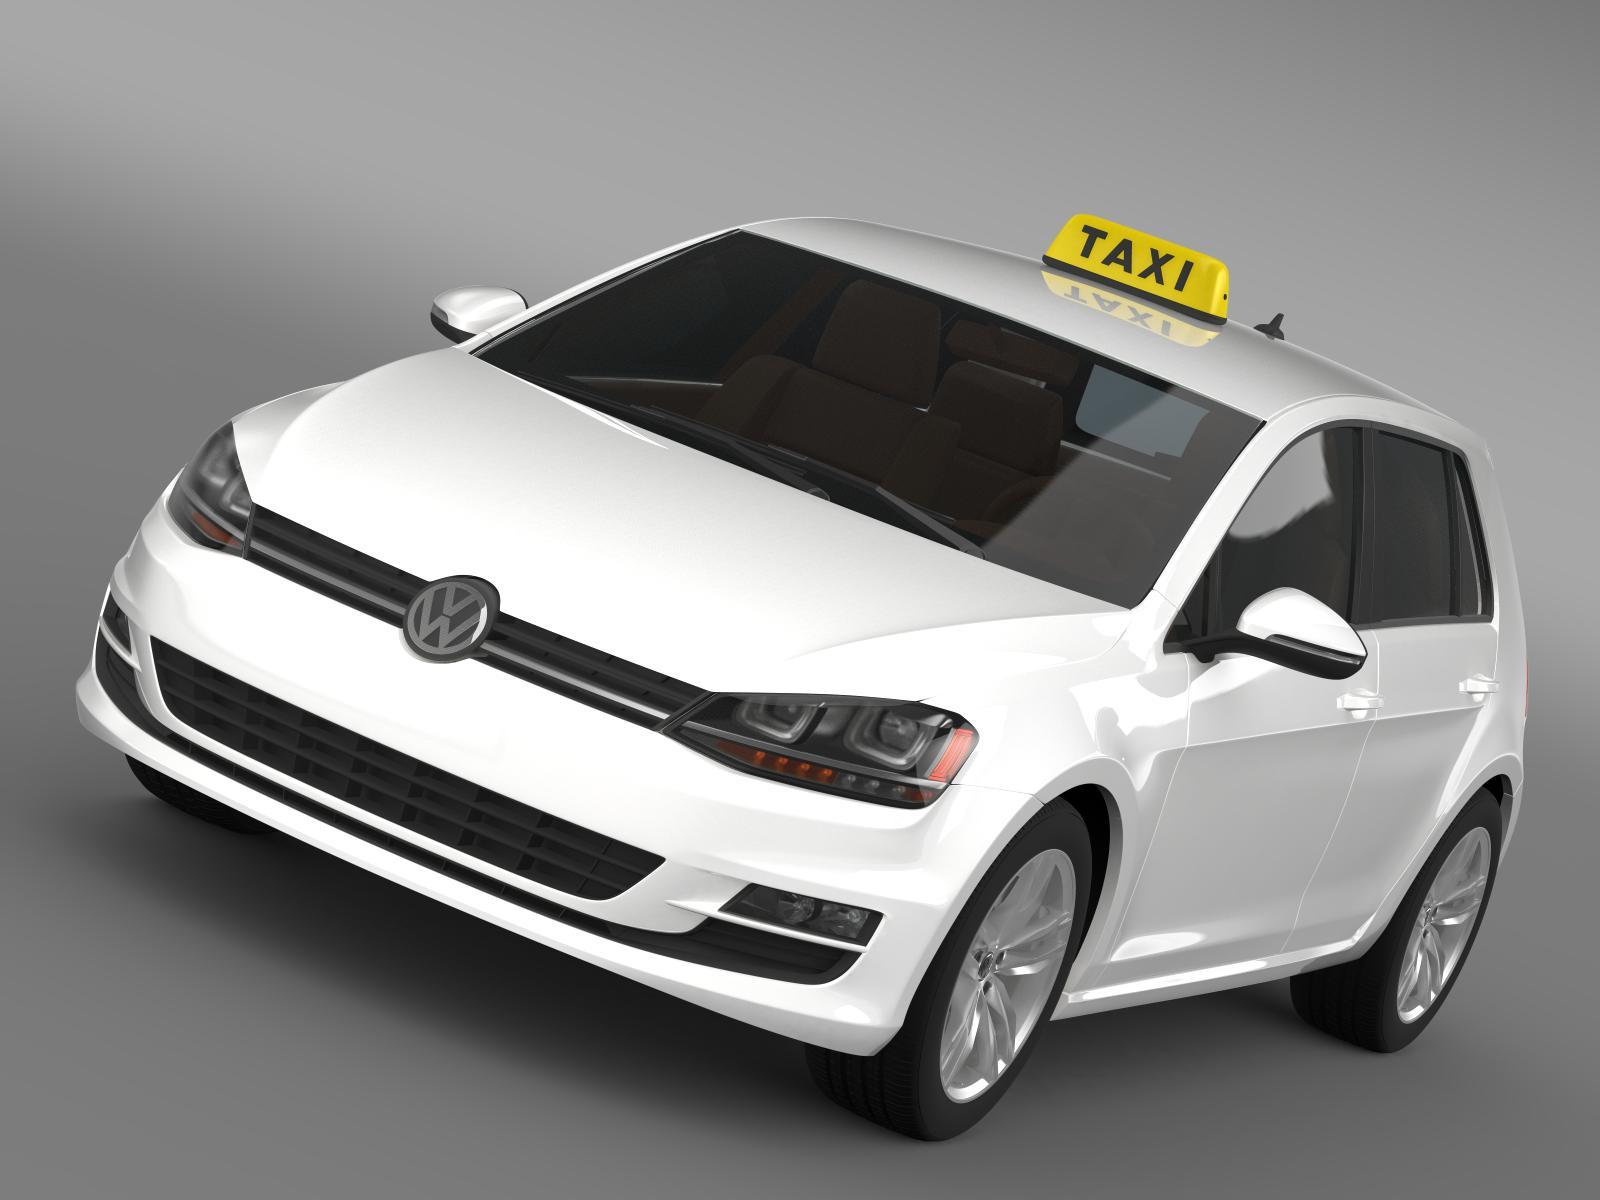 volkswagen golff tsi tacsi model 3d 3ds max fbx c4d ar gyfer yr hrc xsi obj